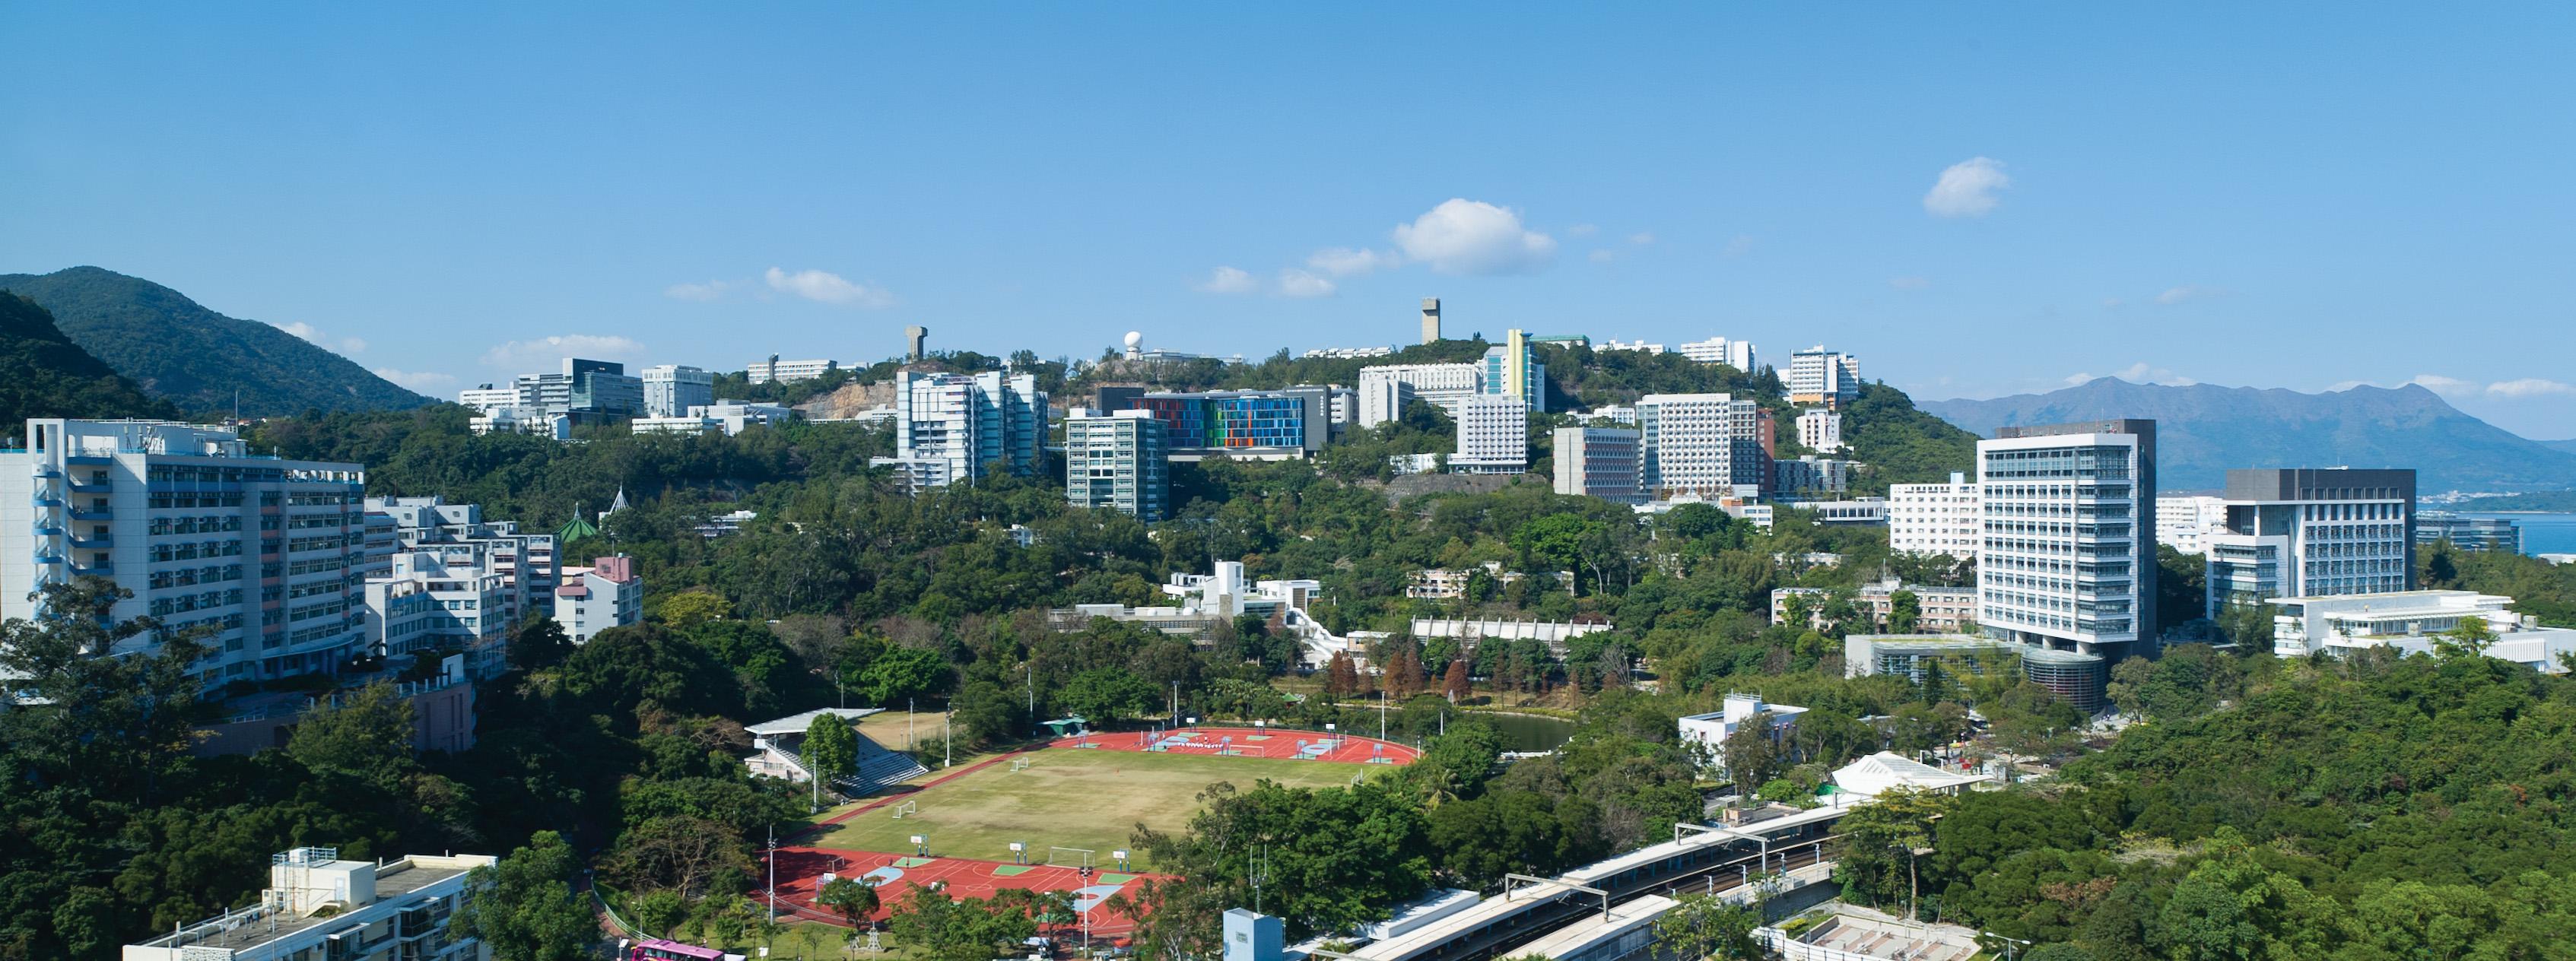 Chinese University of Hong Kong campus